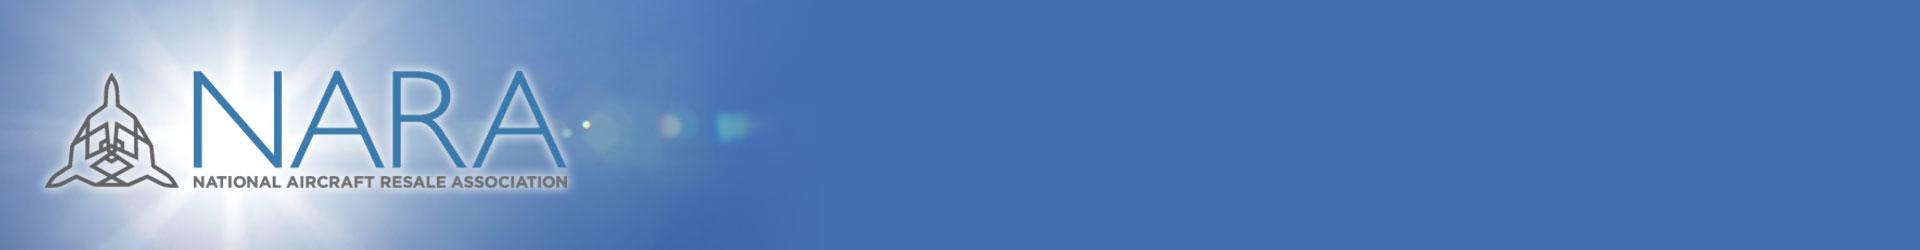 NARA Certified Aircraft Sales Dealer